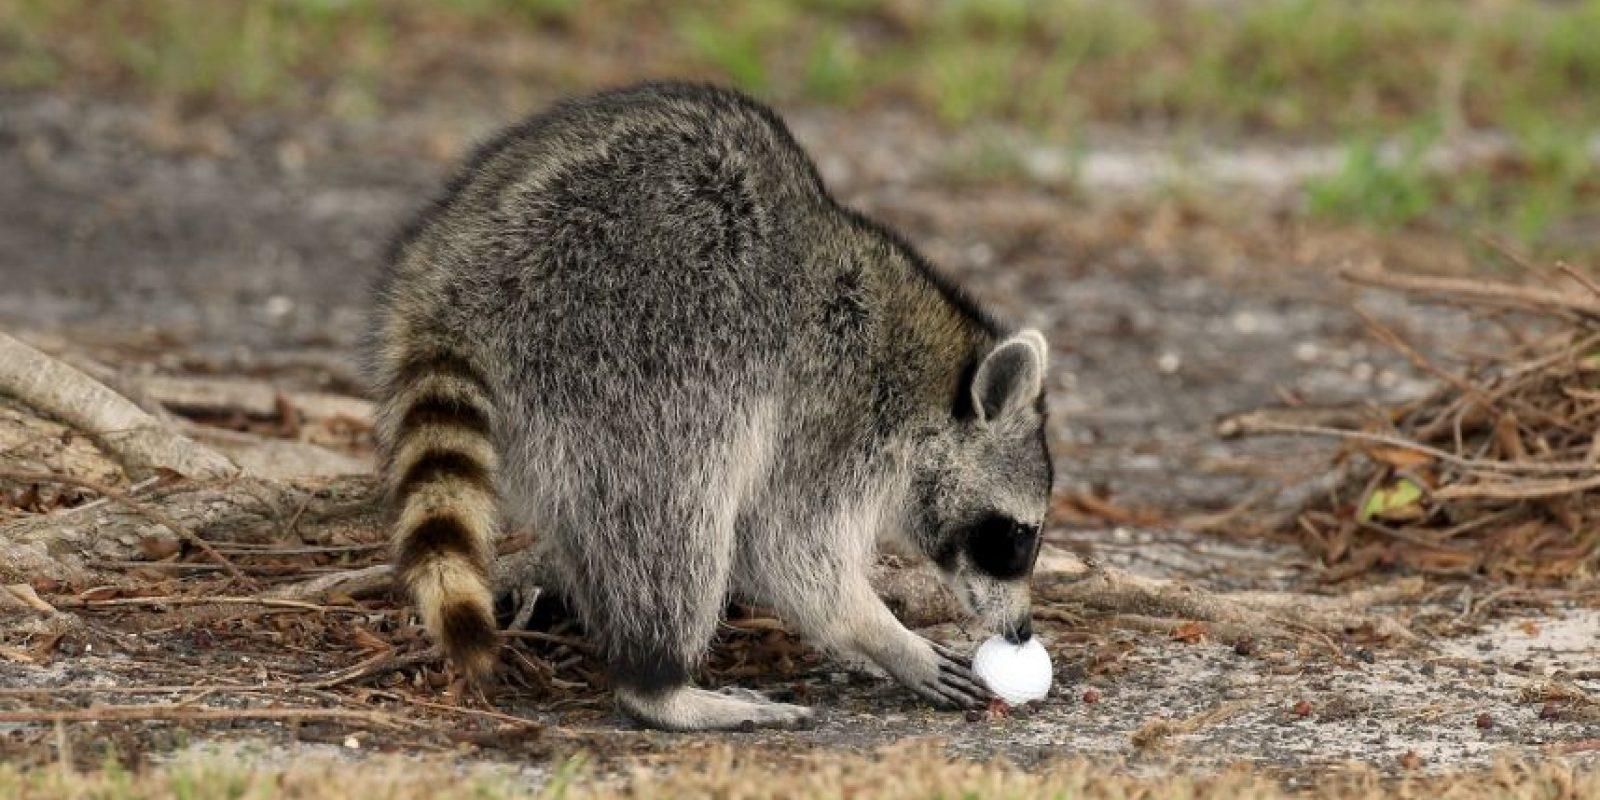 Es un animal de tamaño similar al de un gato, que mide entre 40 y 70 centímetros de longitud y pesa entre dos y 14 kilogramos Foto:Getty Images